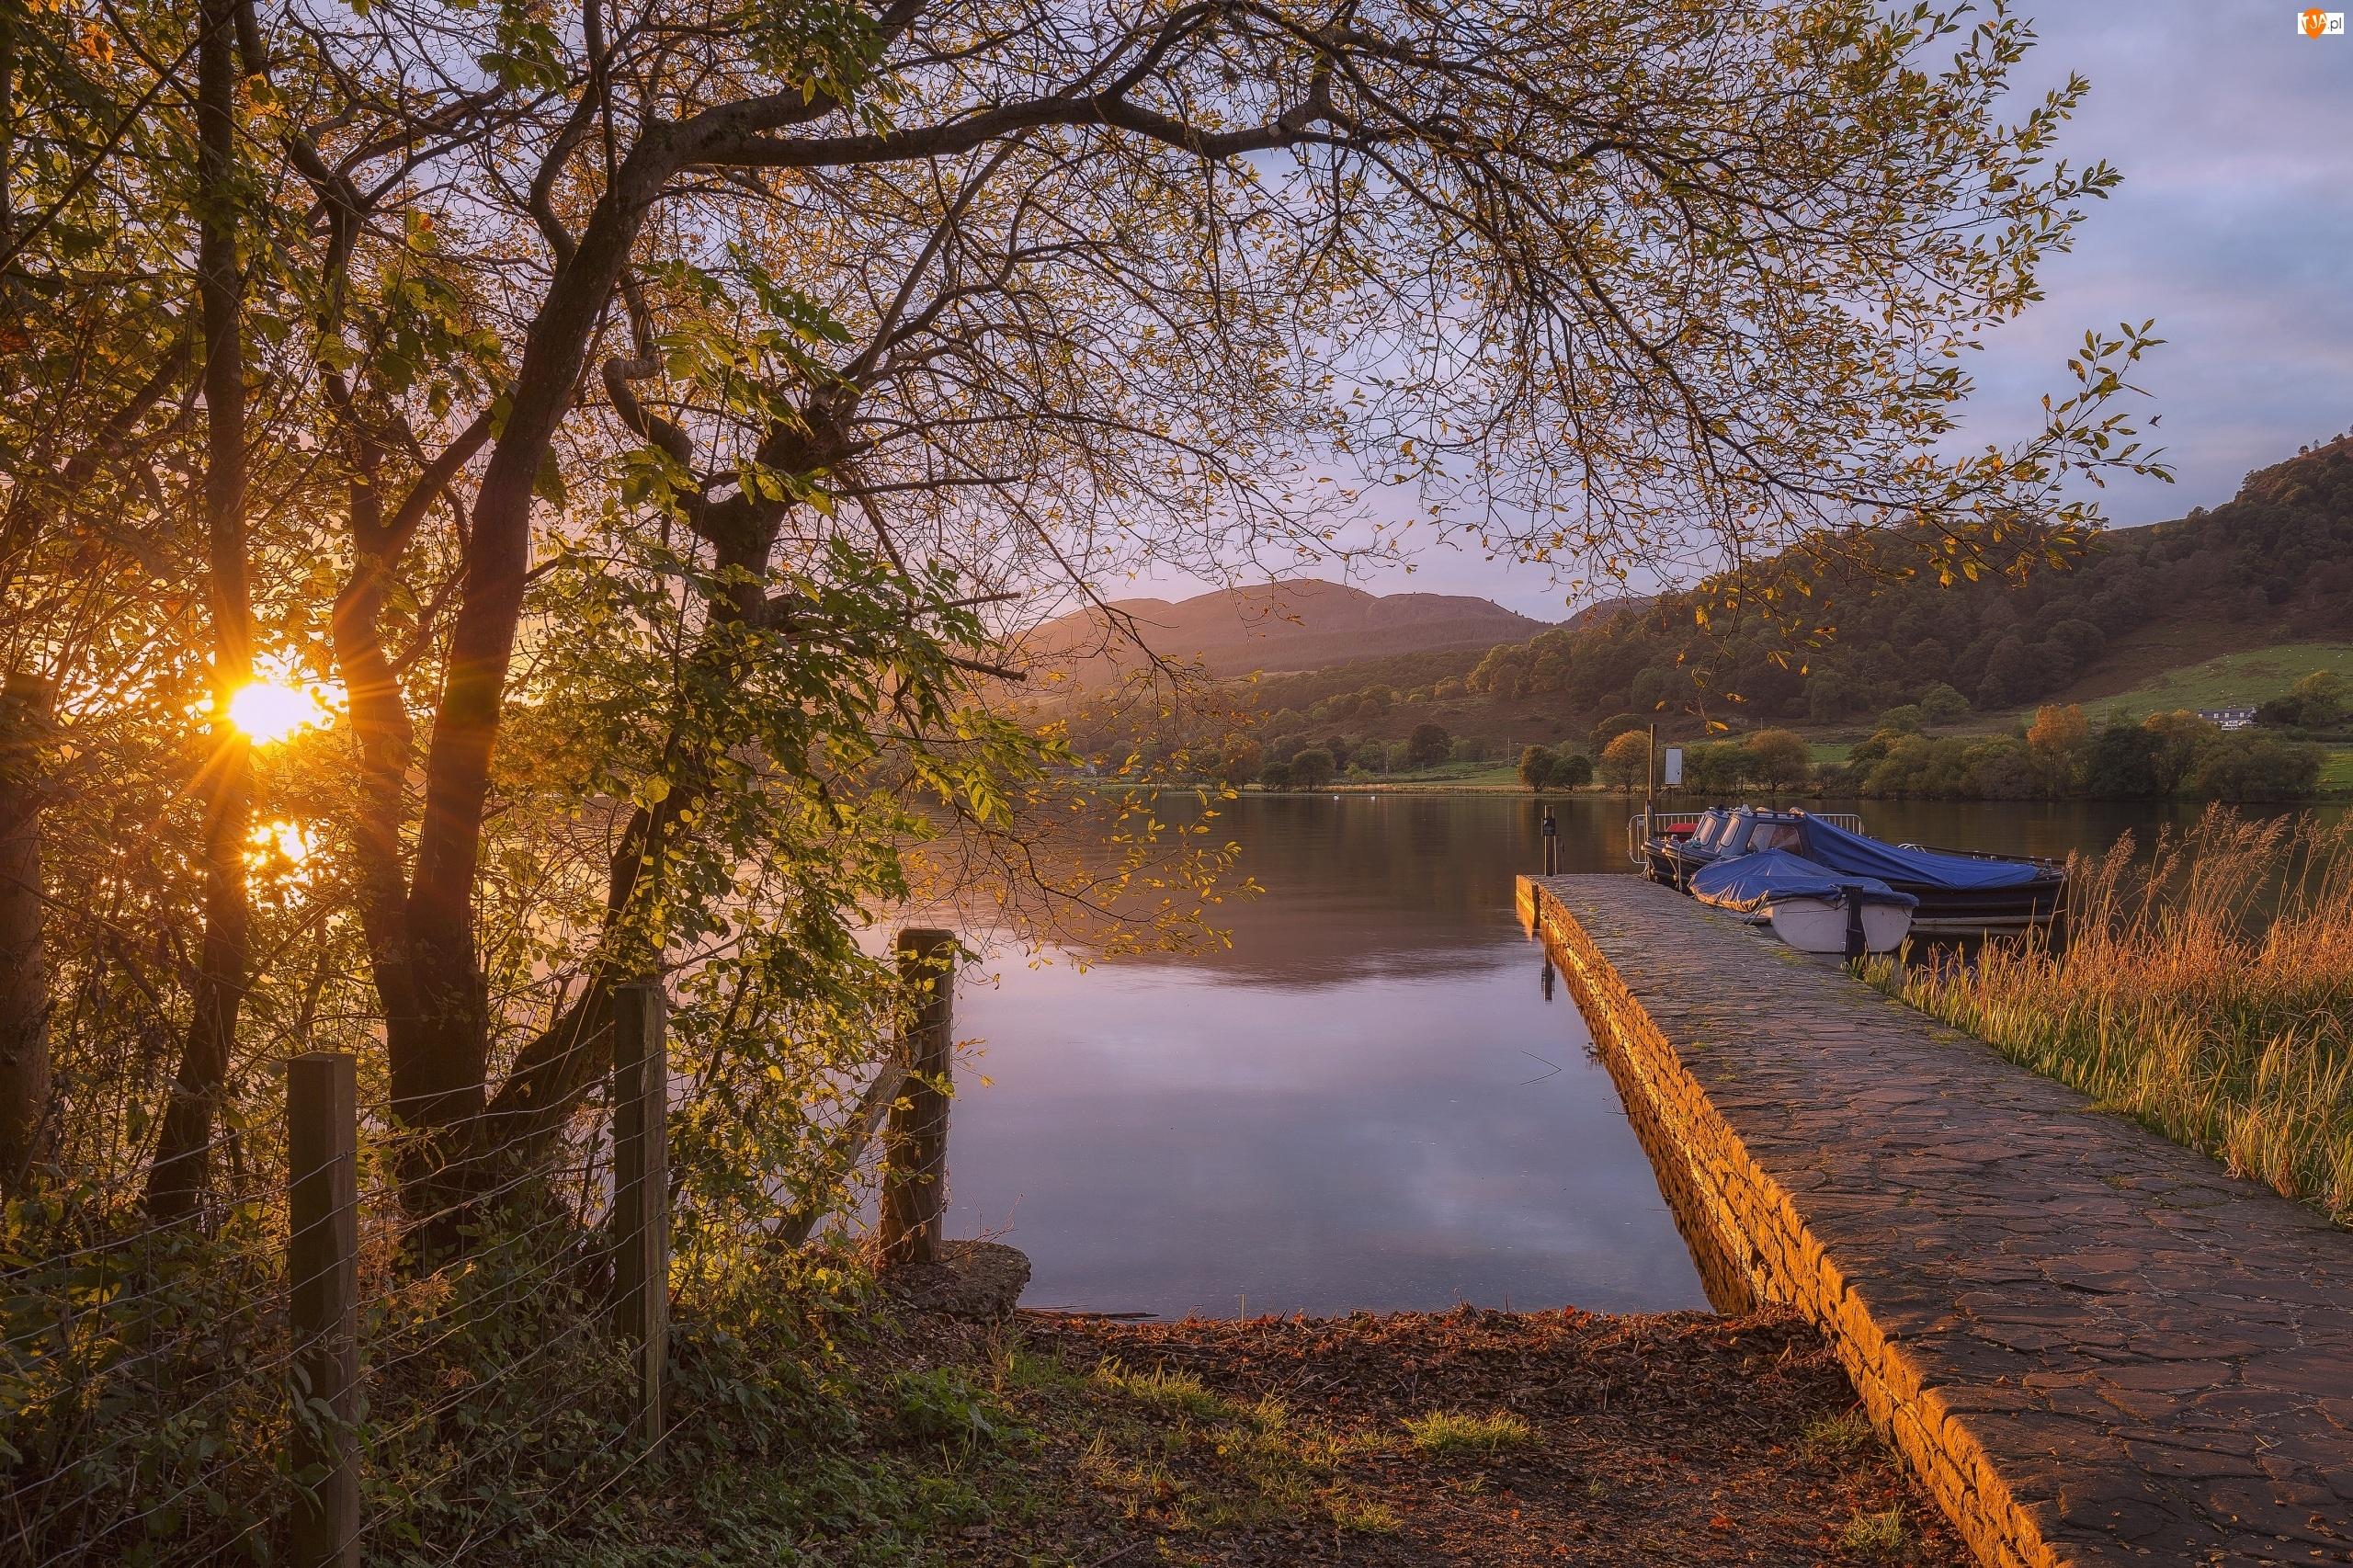 Pomost, Wzgórza, Jezioro, Łódki, Promienie słońca, Drzewa